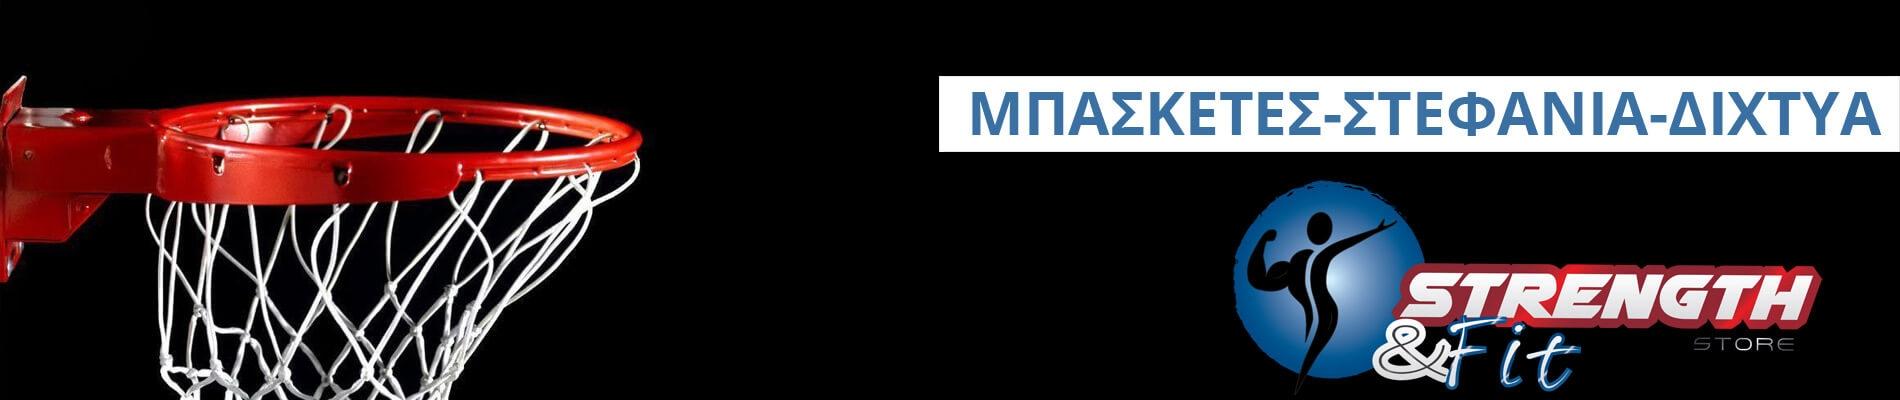 ΜΠΑΣΚΕΤΕΣ-ΣΤΕΦΑΝΙΑ-ΔΙΧΤΥΑ